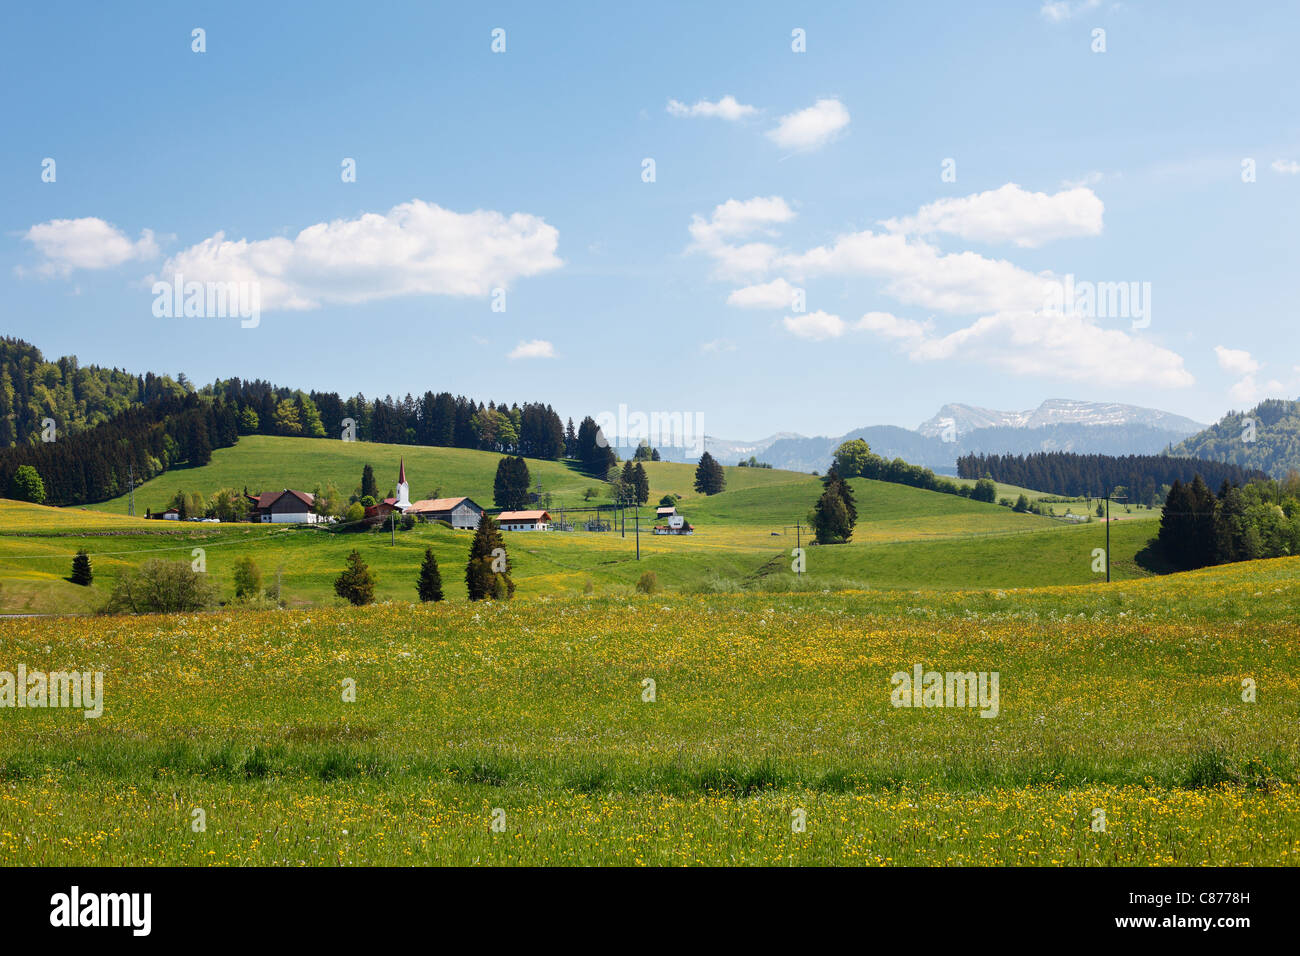 Deutschland, Bayern, Swabia, Allgäu, Oberallgäu, Oberstaufen, Zell am See, Blick auf das Dorf mit Wiese Stockbild